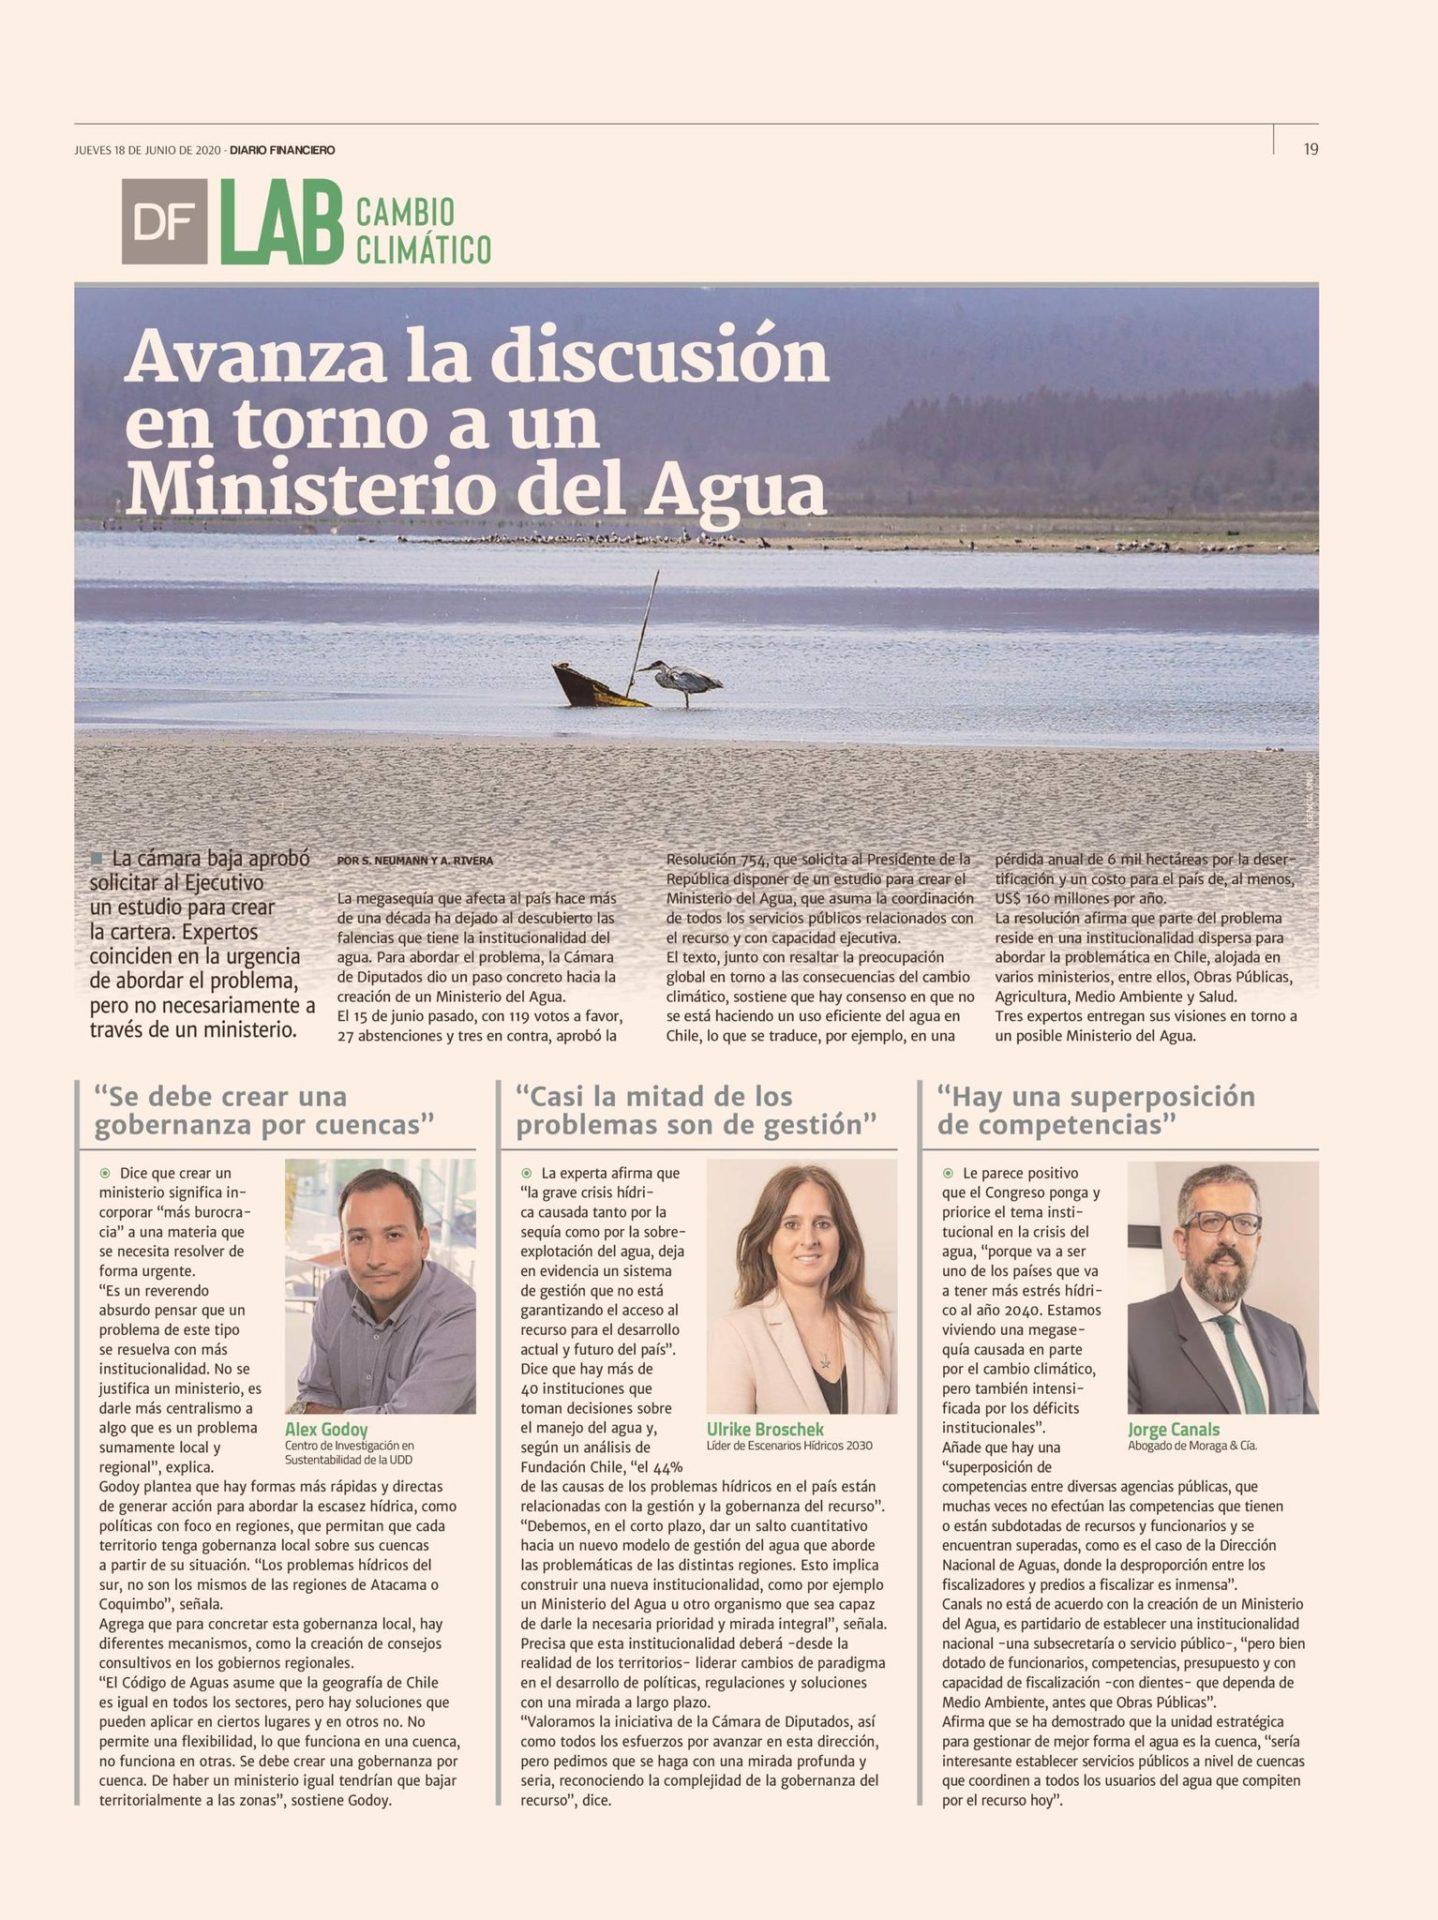 Discusión en torno a un Ministerio del agua